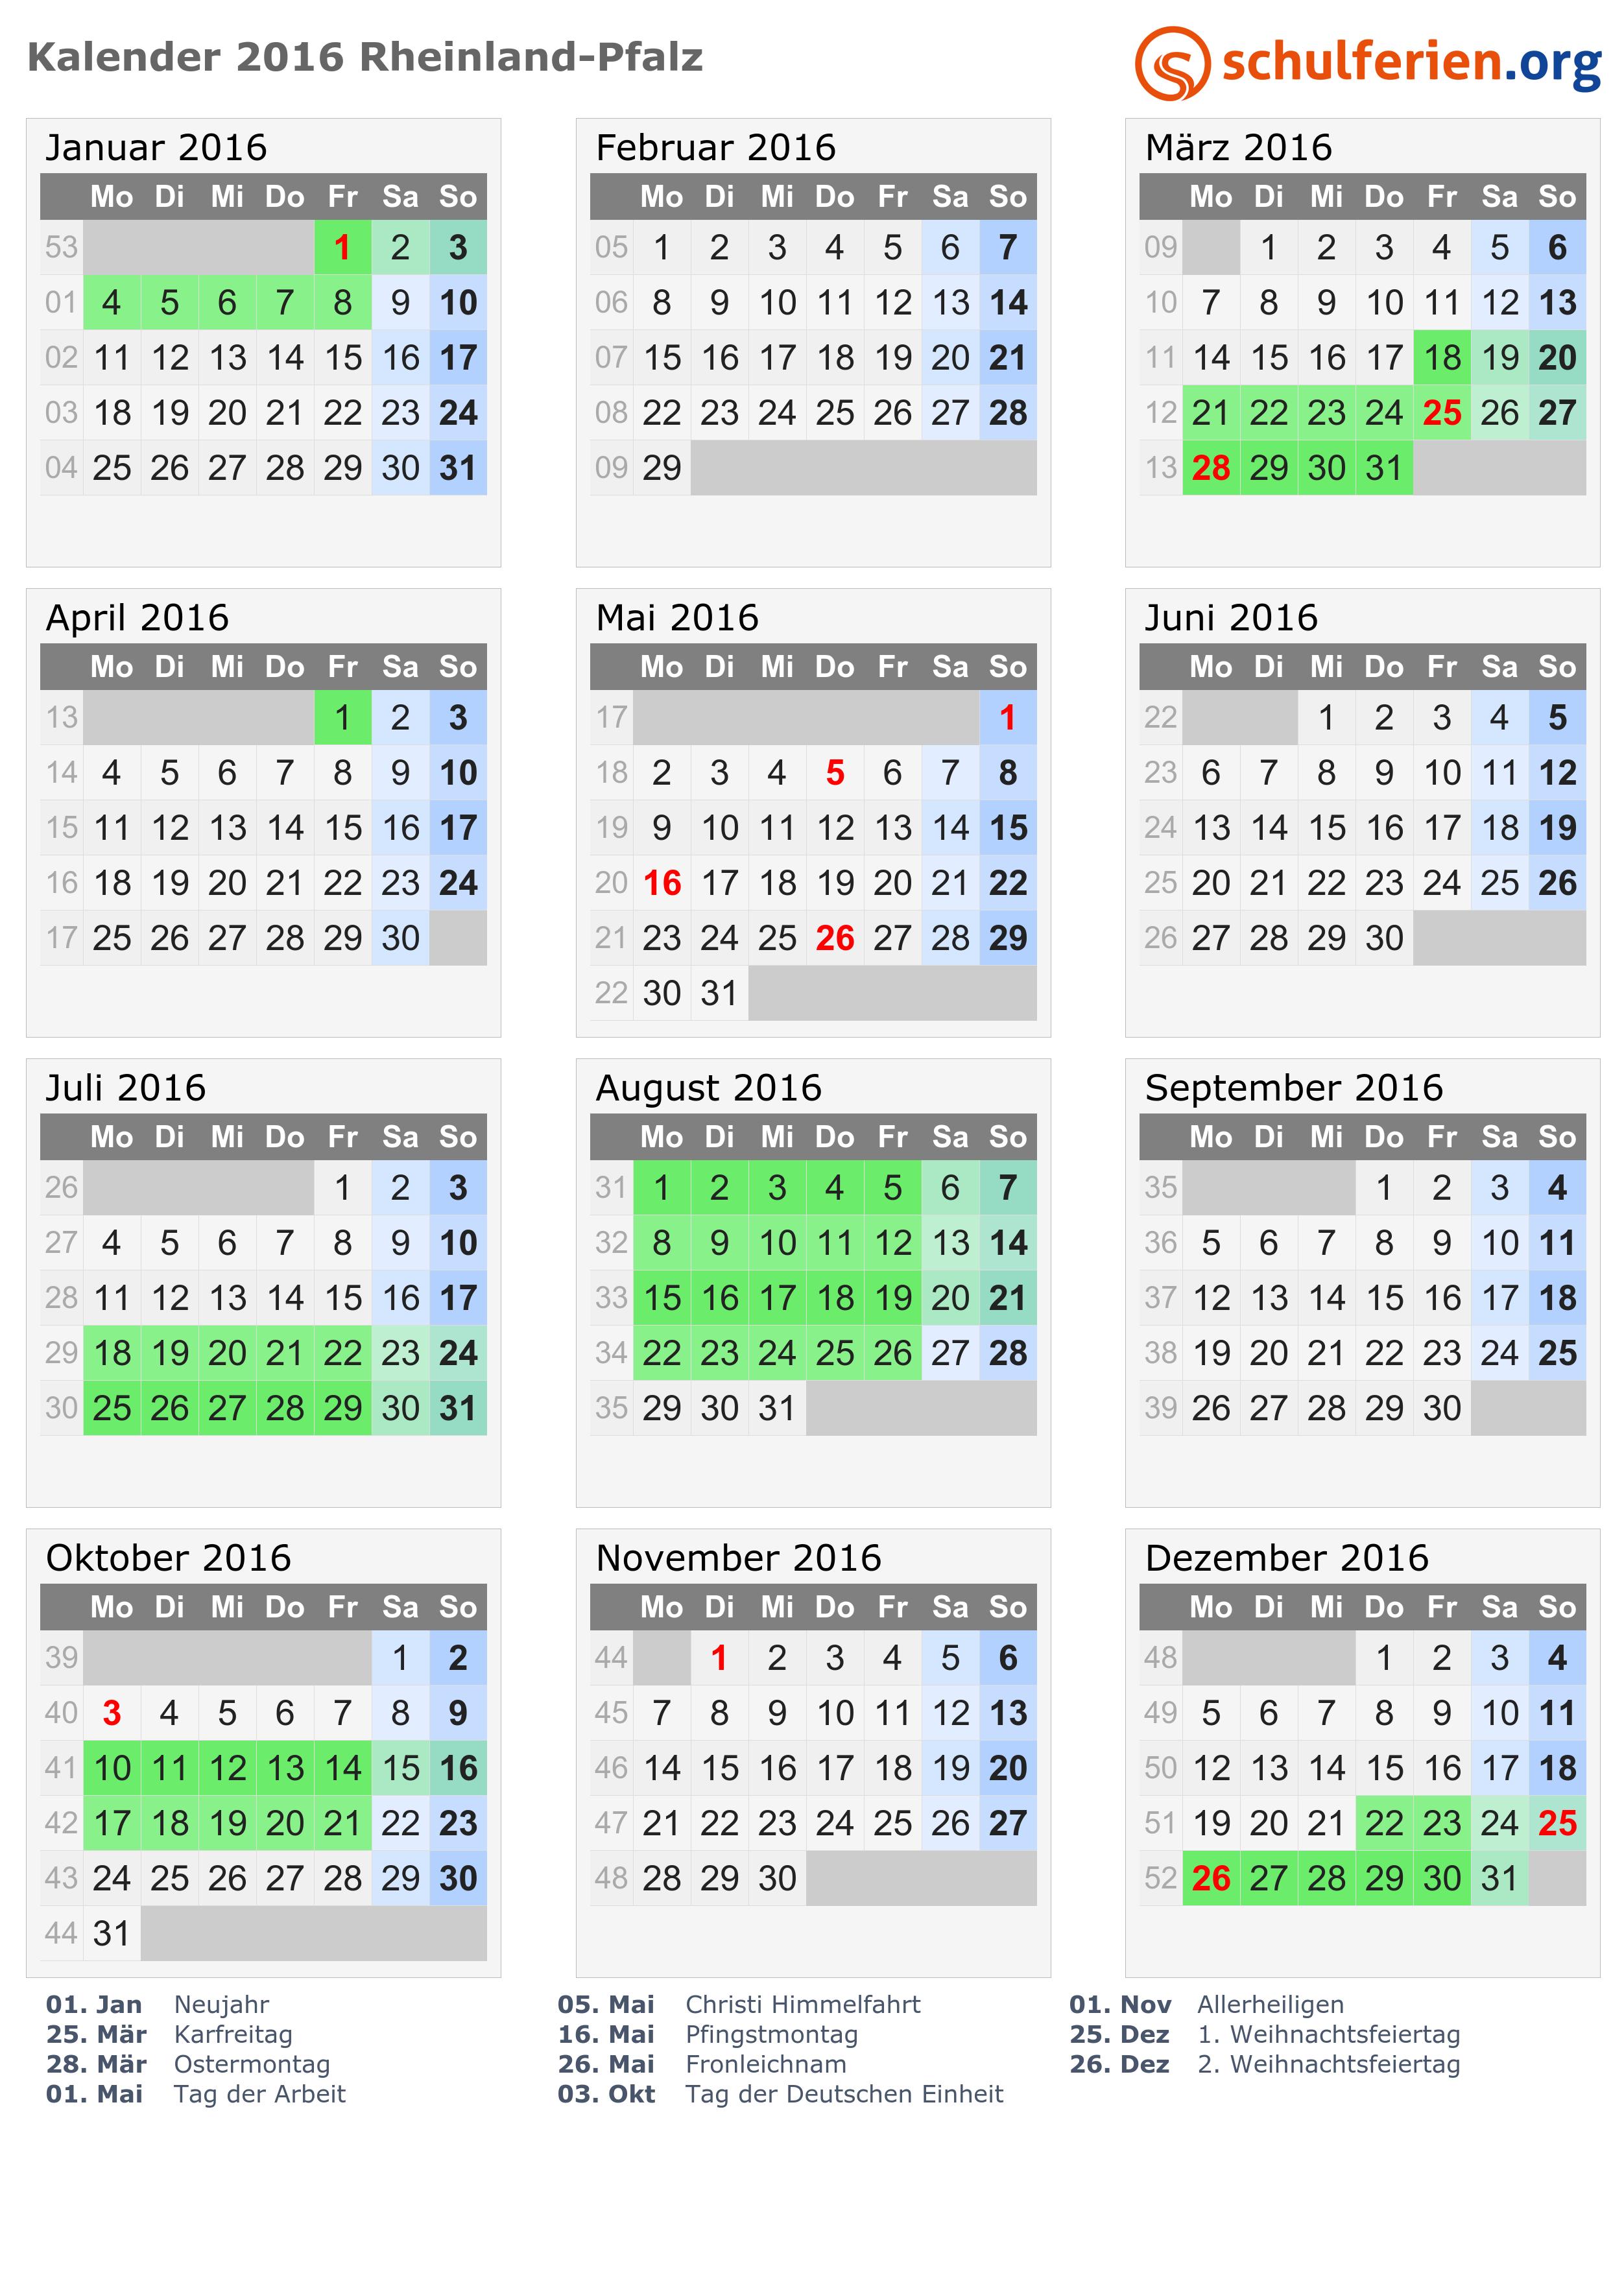 kalender 2016 ferien rheinland pfalz feiertage. Black Bedroom Furniture Sets. Home Design Ideas